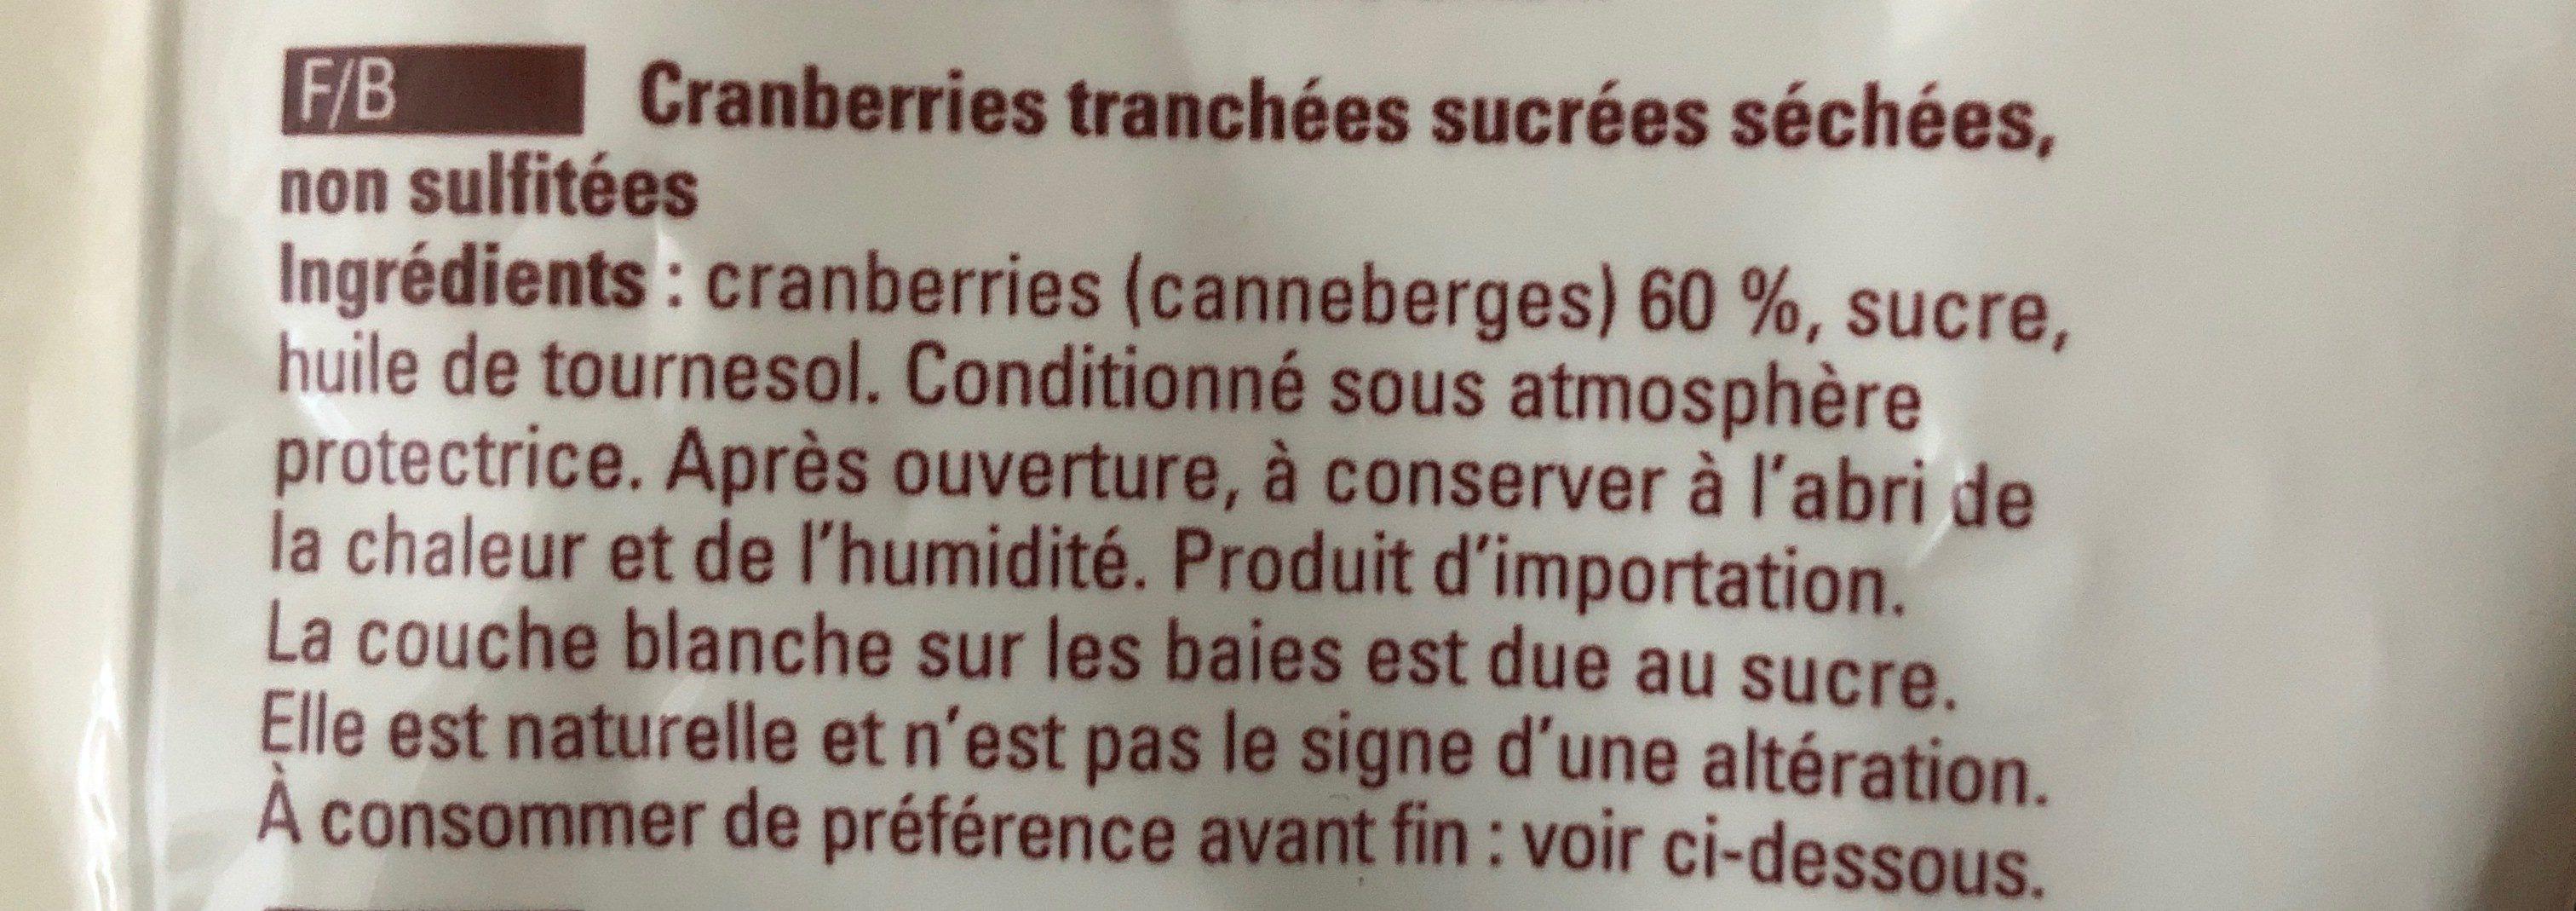 CRANBERRIES - Ingrédients - fr